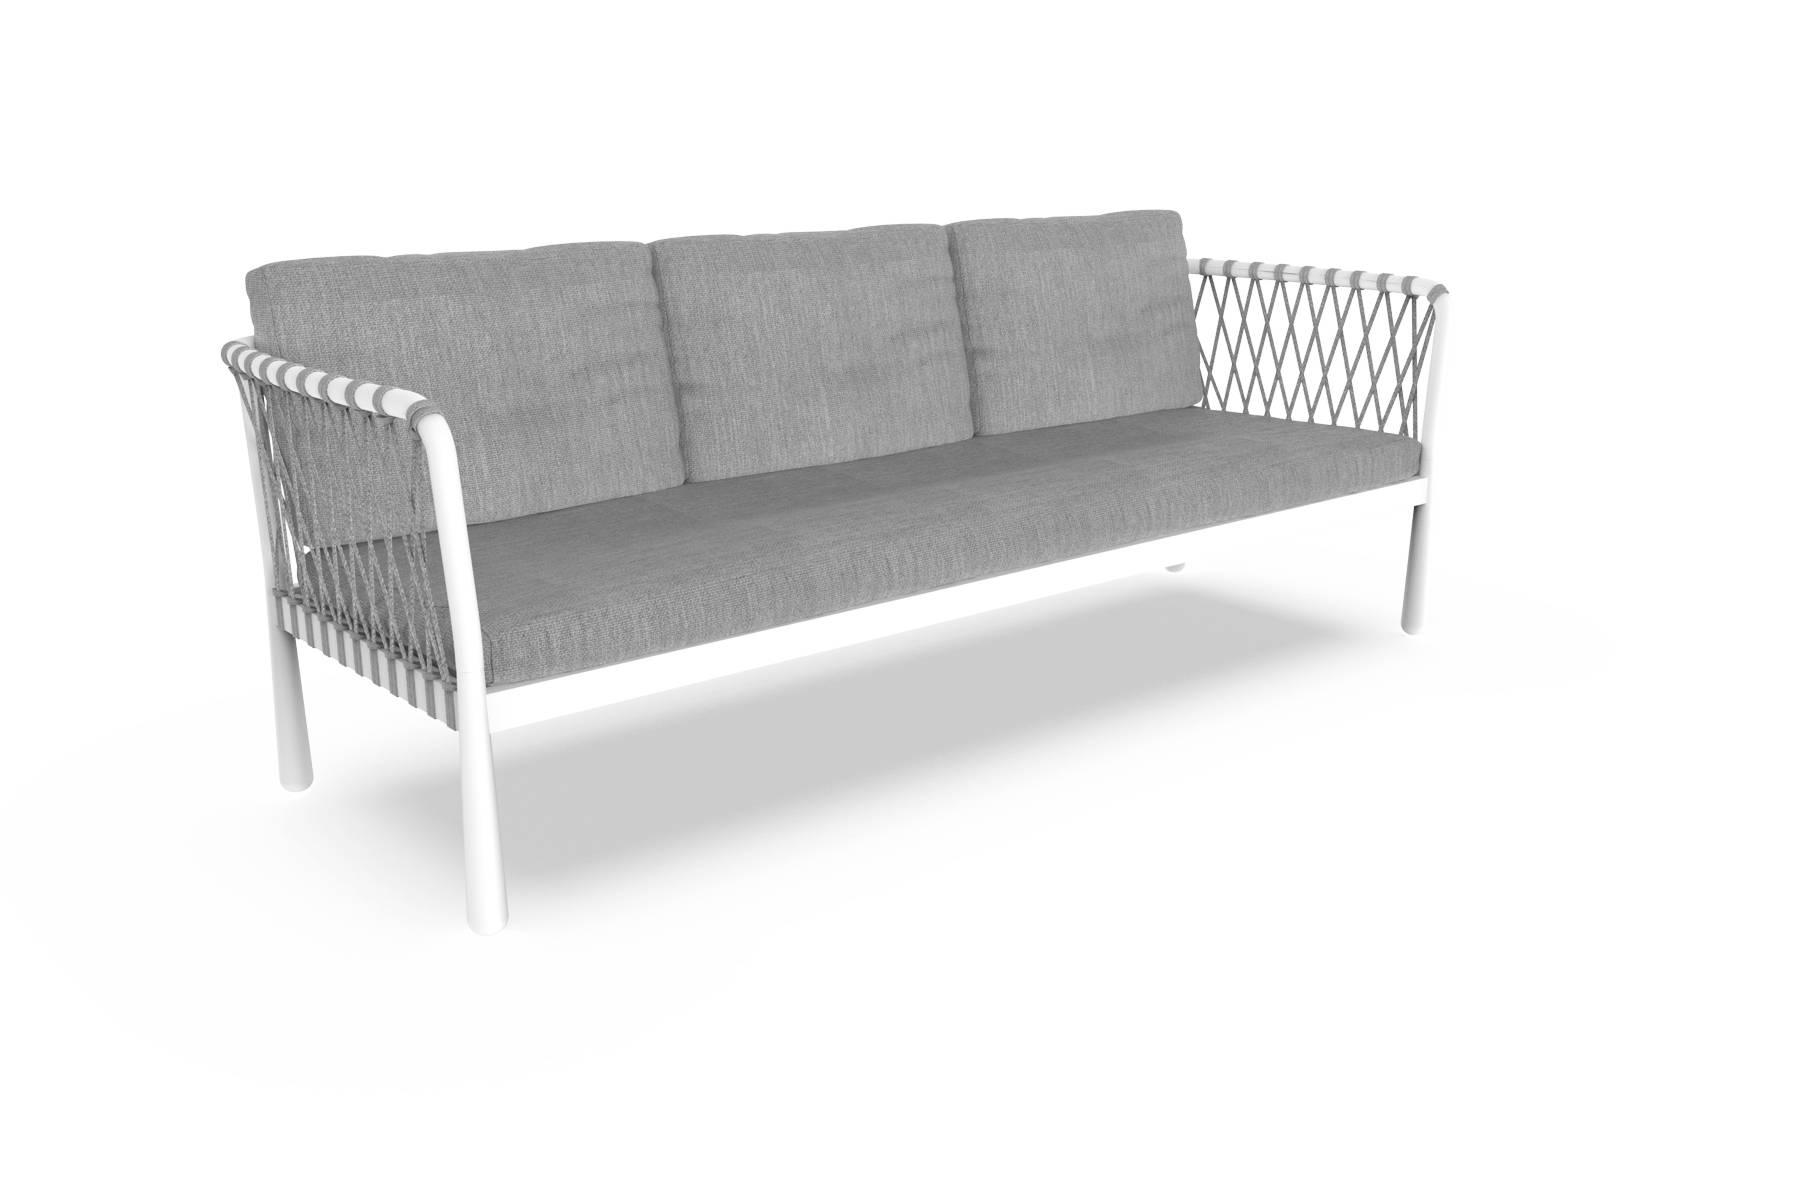 Sofy Sofa